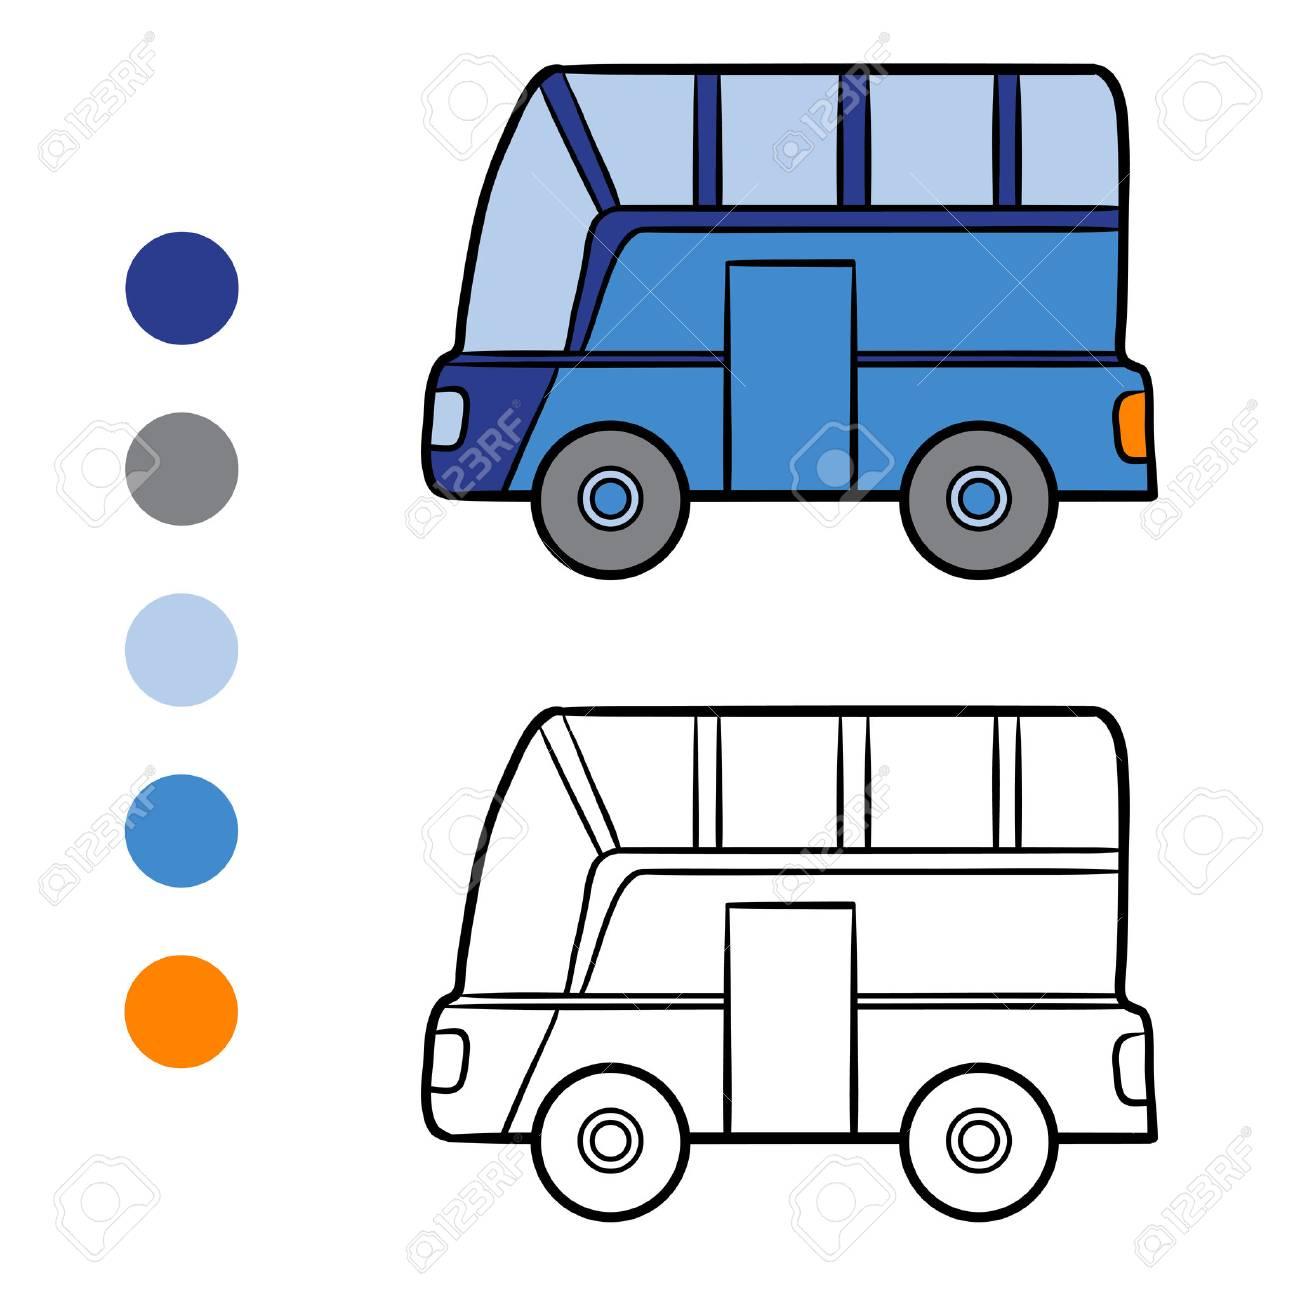 バスの子供のための塗り絵 ロイヤリティフリークリップアートベクター